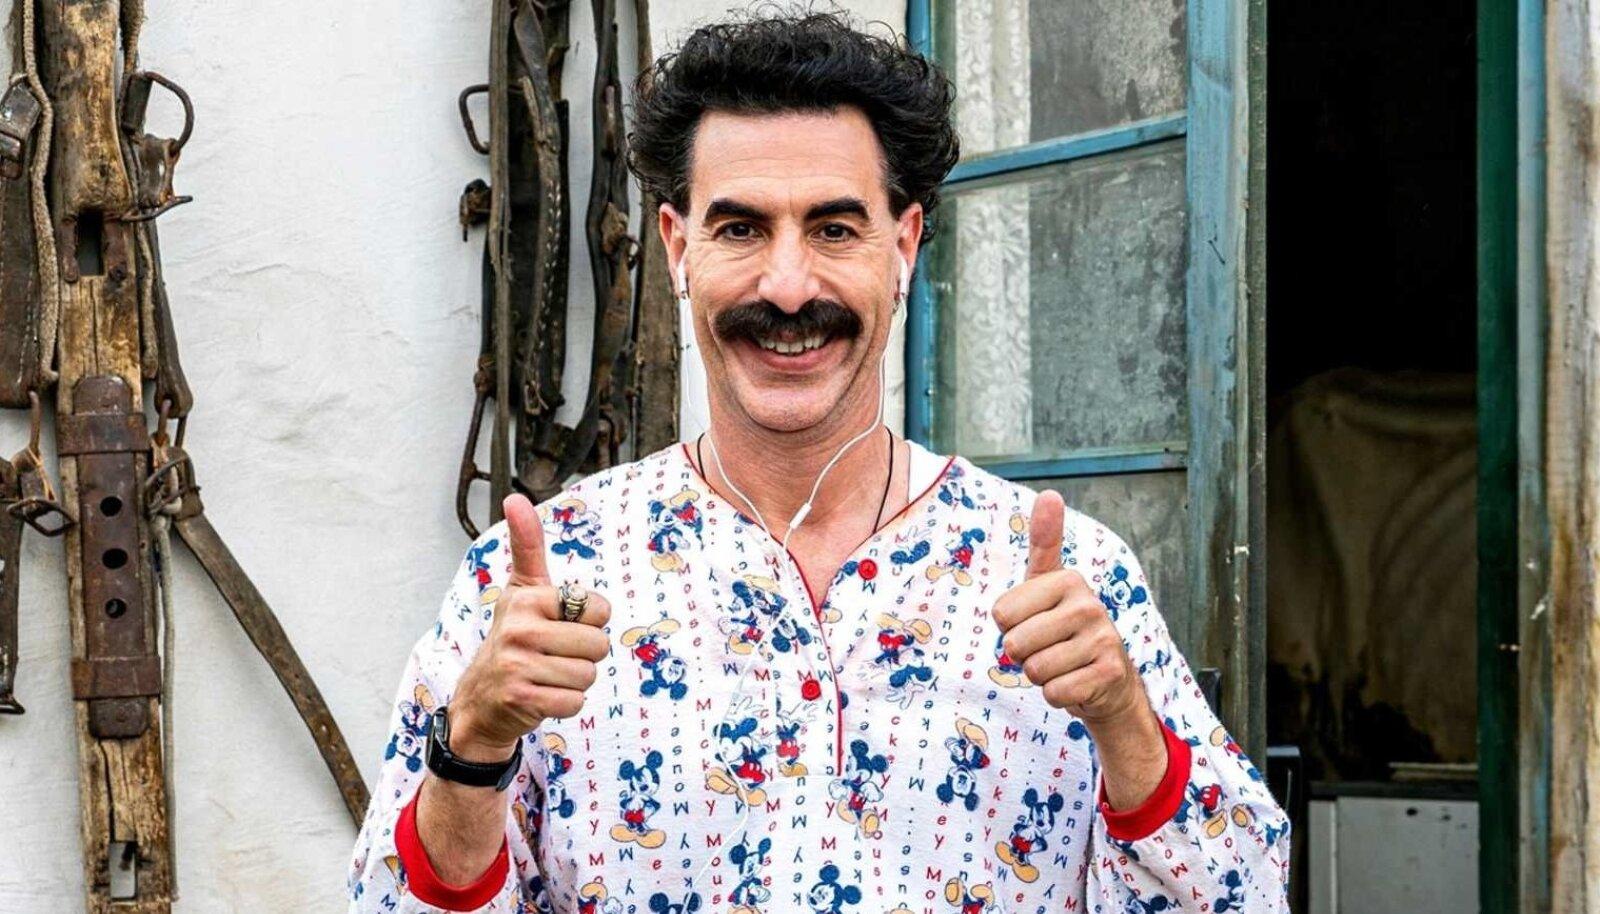 Borat pole teadupärast just Kasahstani armastatuim tegelaskuju, kuid turistide uudishimu on filmi tõttu garanteeritud.